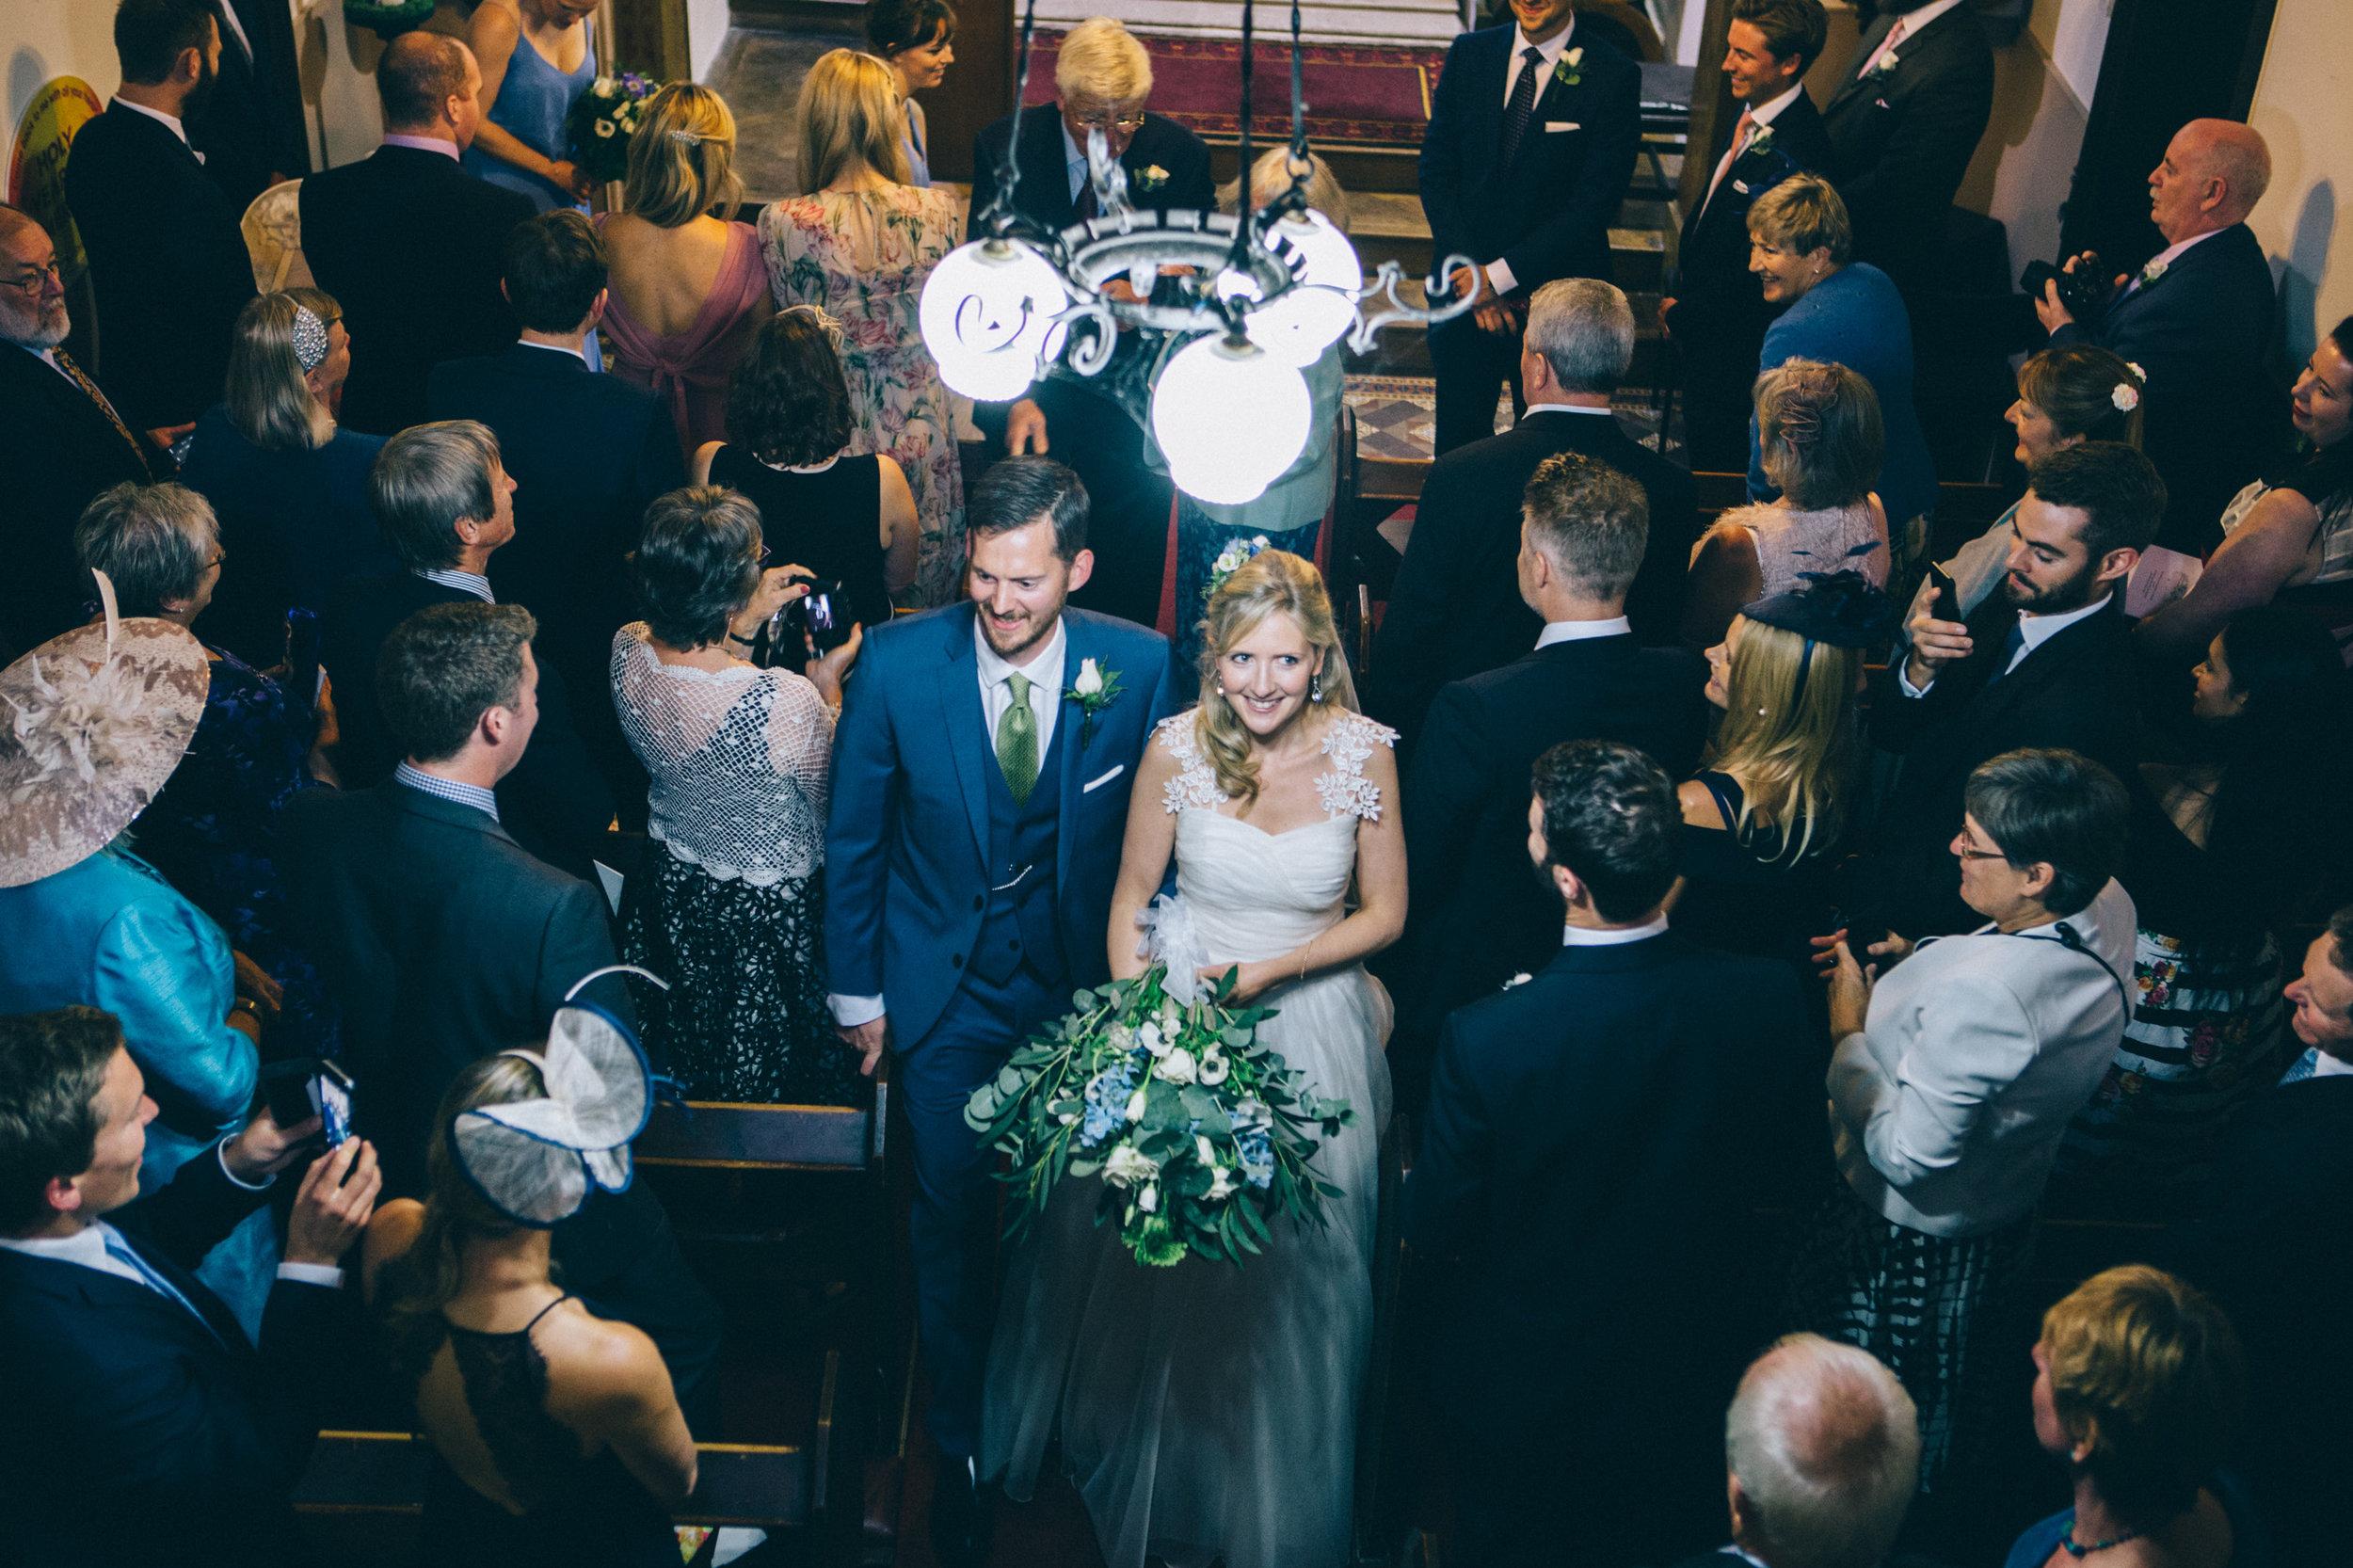 uk wedding photographer artistic wedding photography-67.jpg